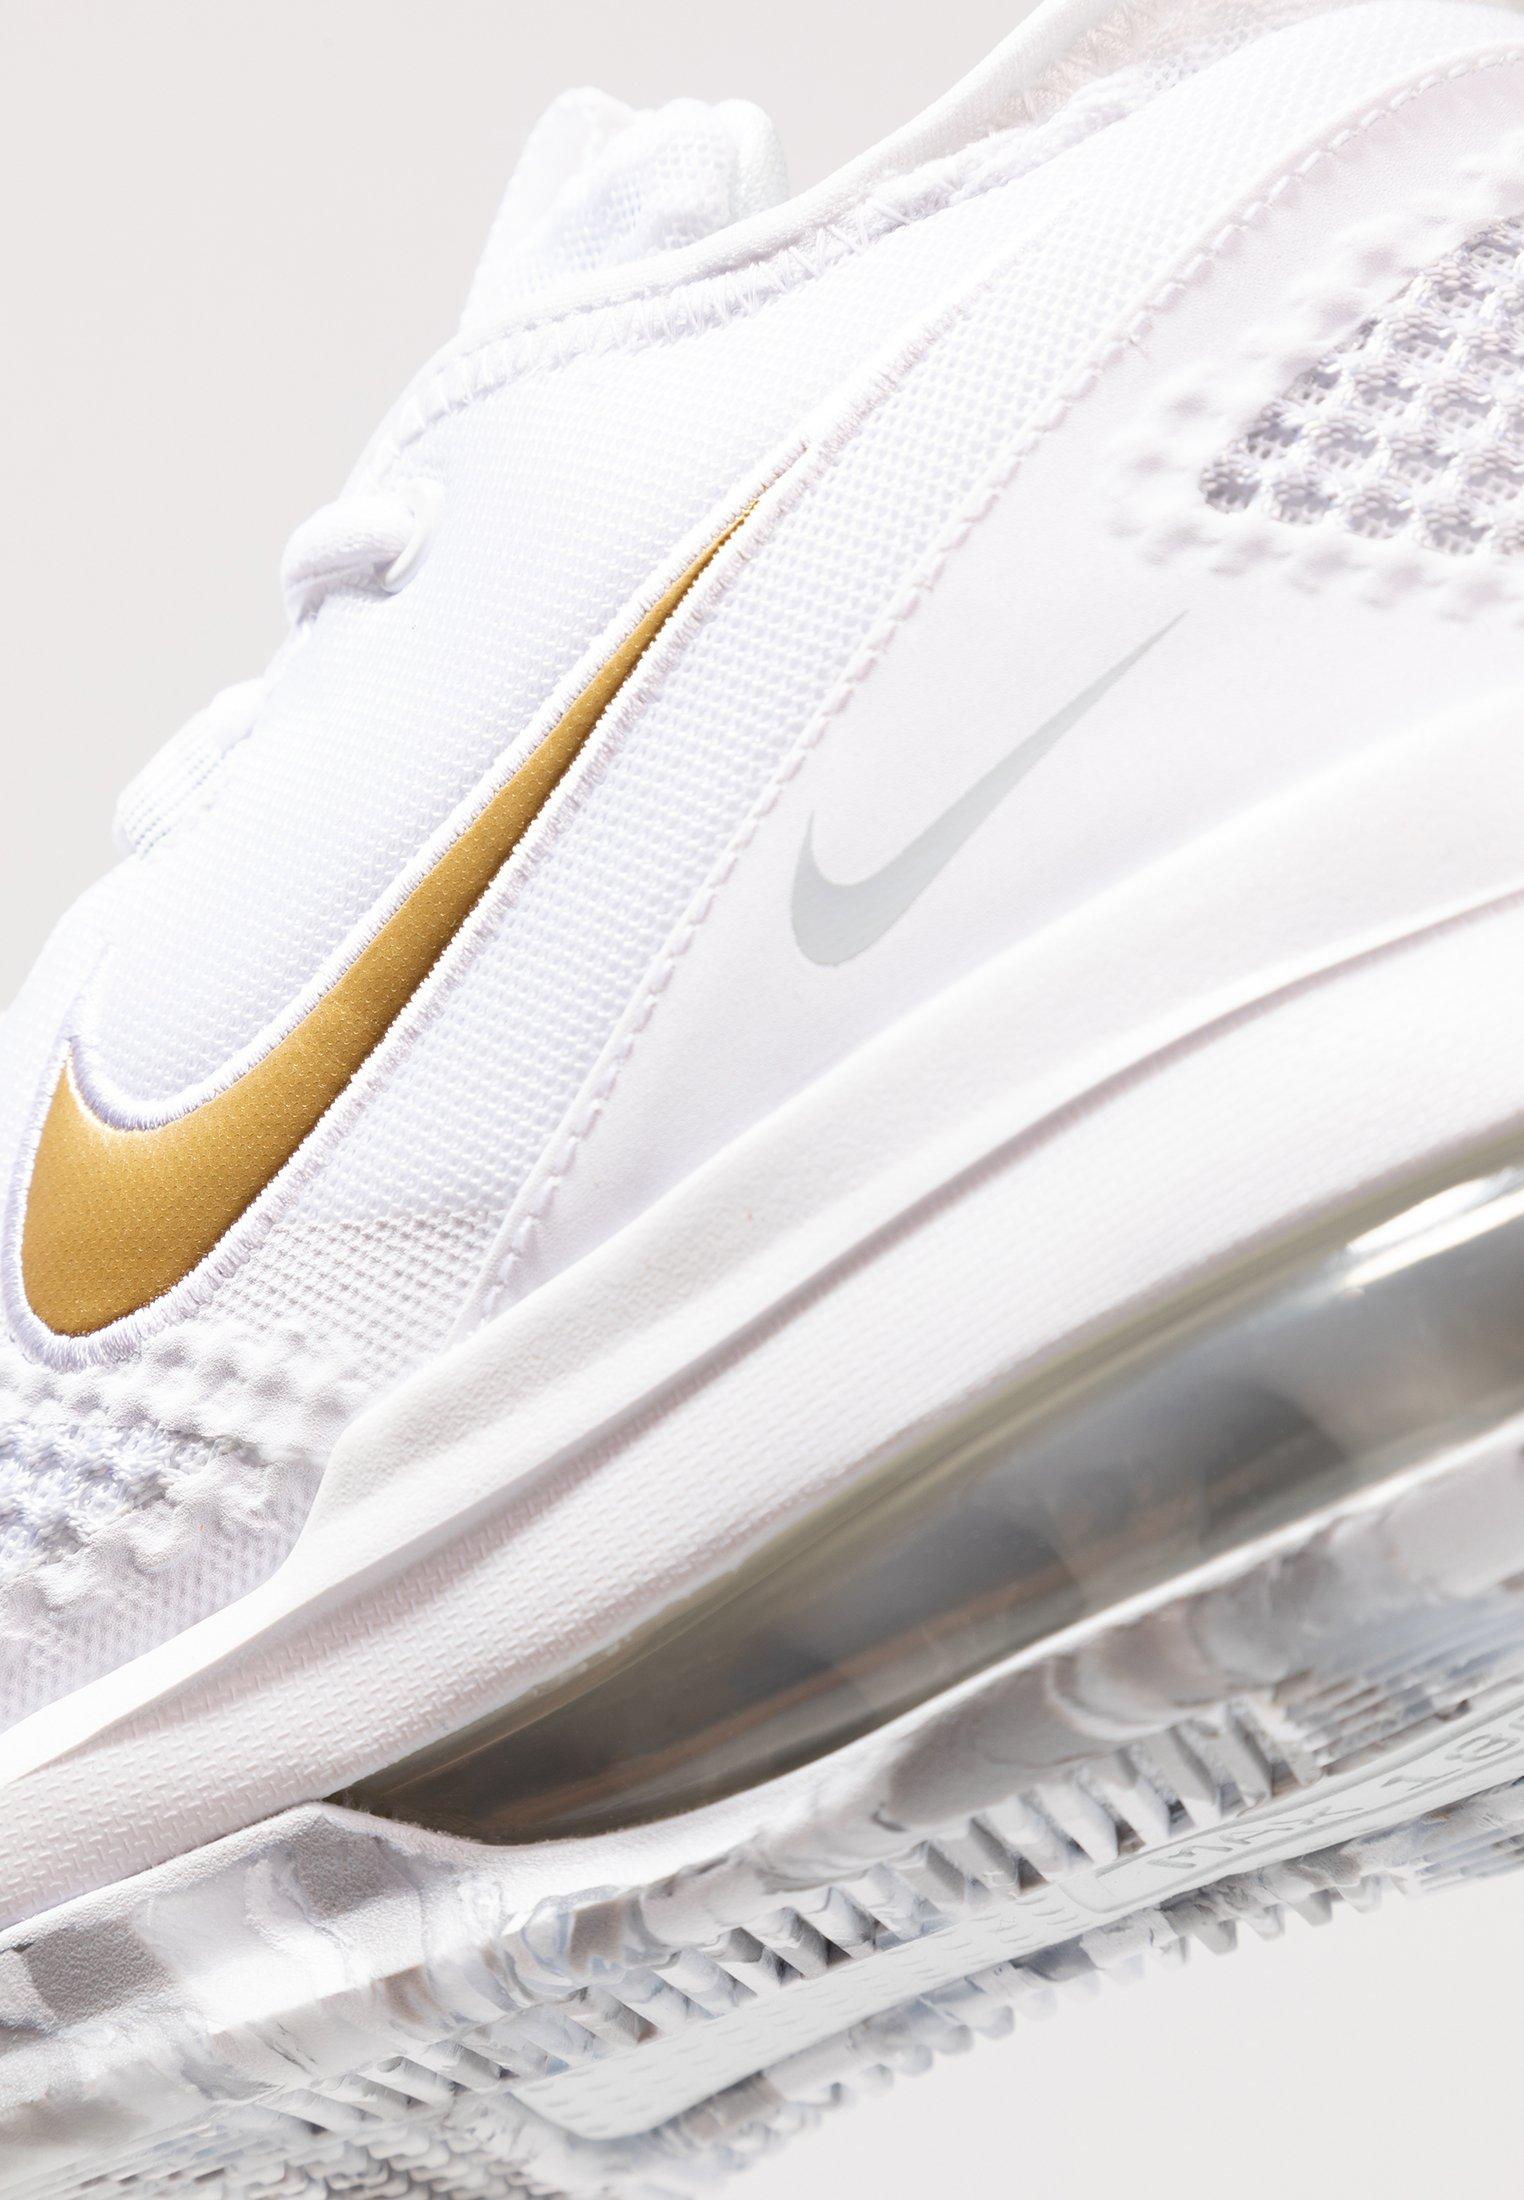 AIR FORCE MAX LOW Chaussures de basket whiteblackvolt